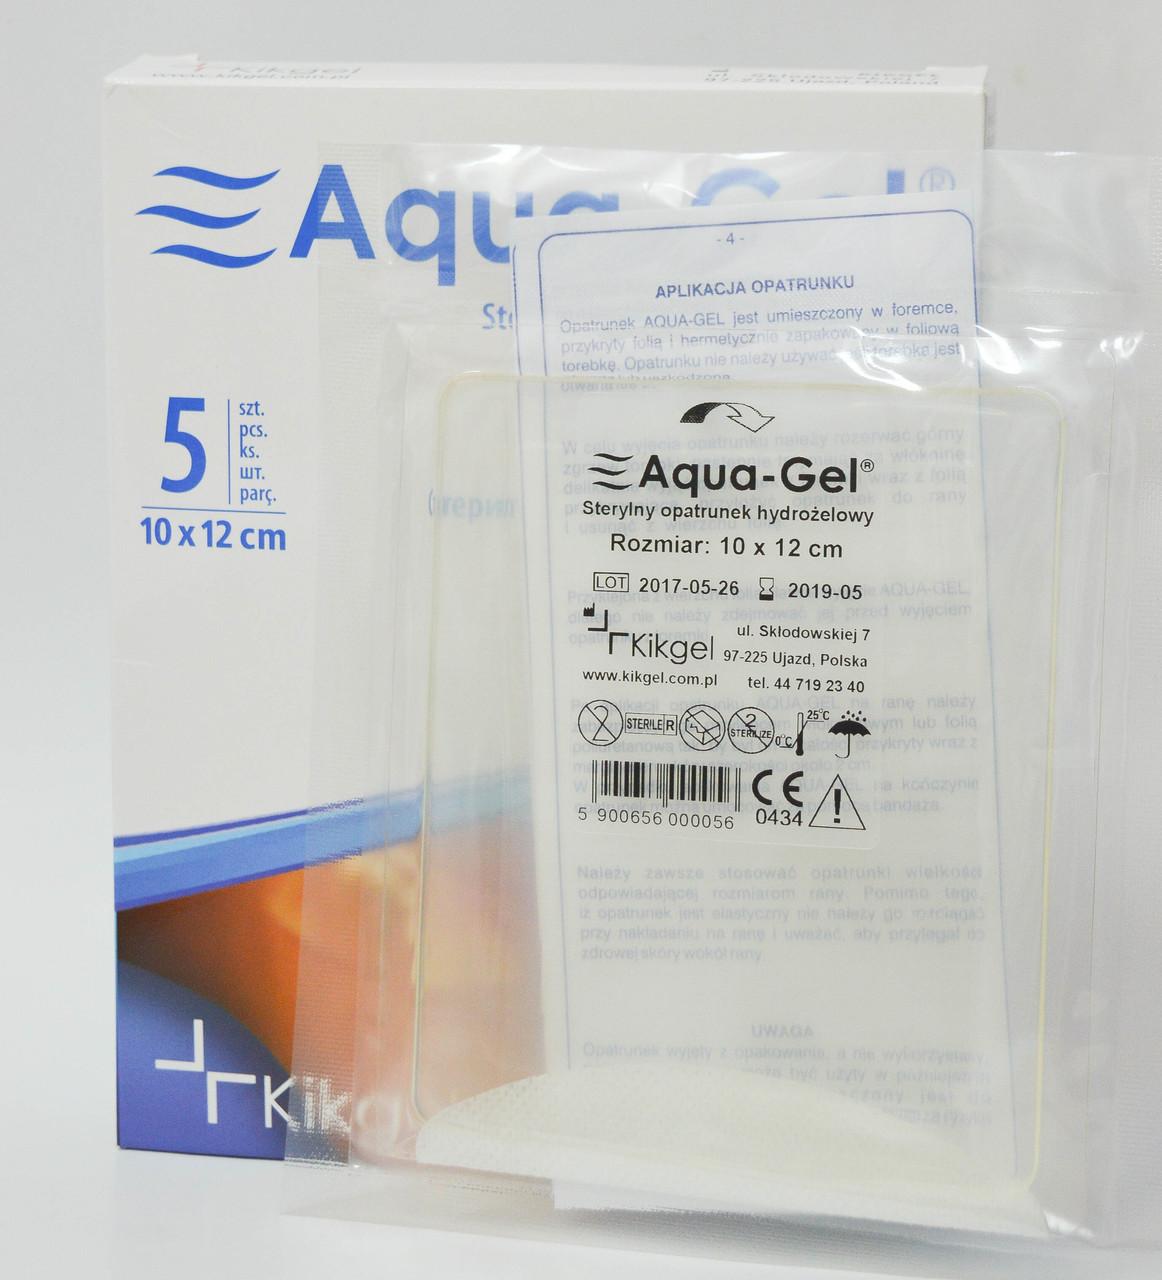 Гидрогелевая повязка AQUA-GEL, квадрат 10х12 см